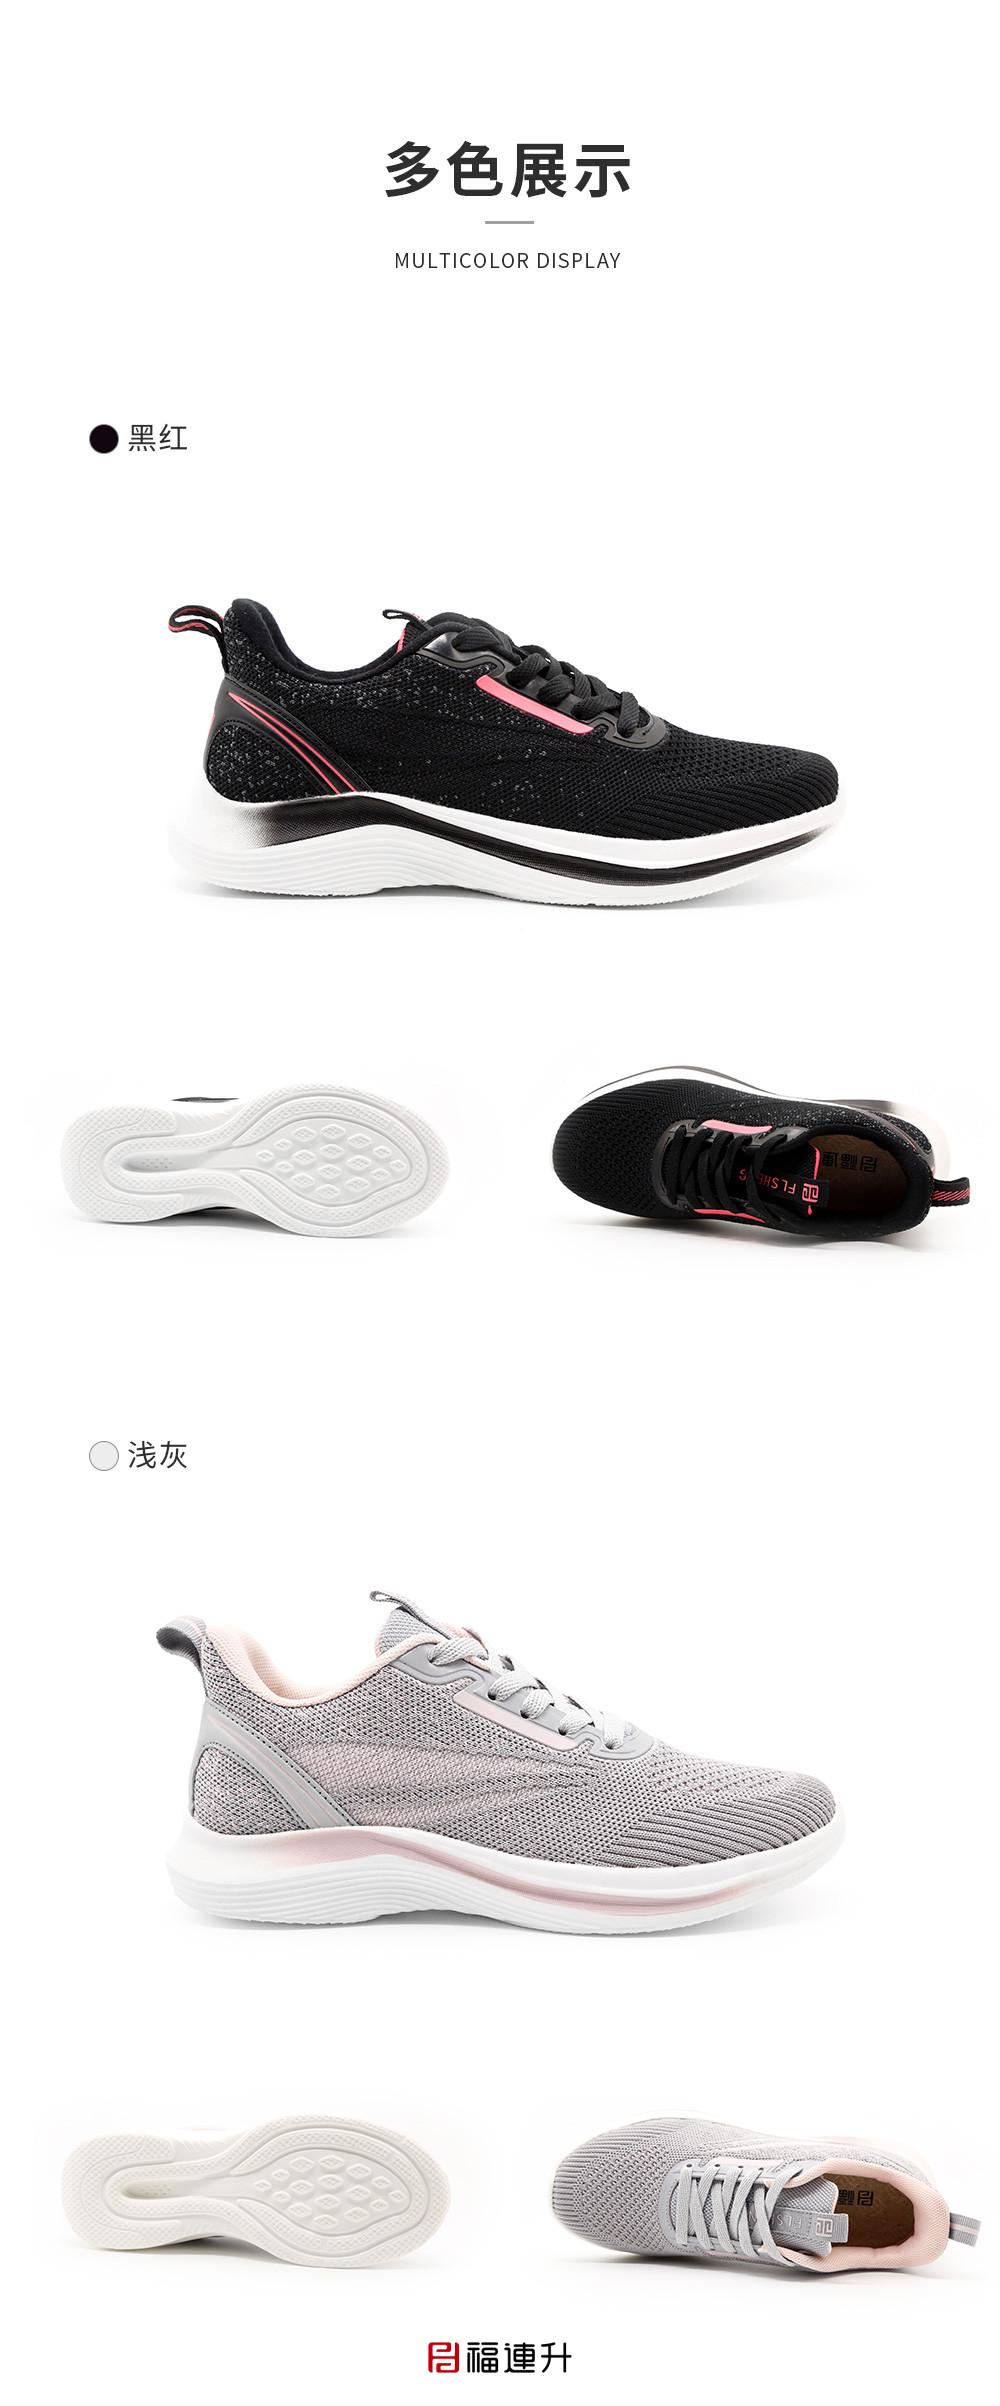 福连升老北京布鞋休闲运动女鞋轻便减震旅游鞋棉麻透气图片